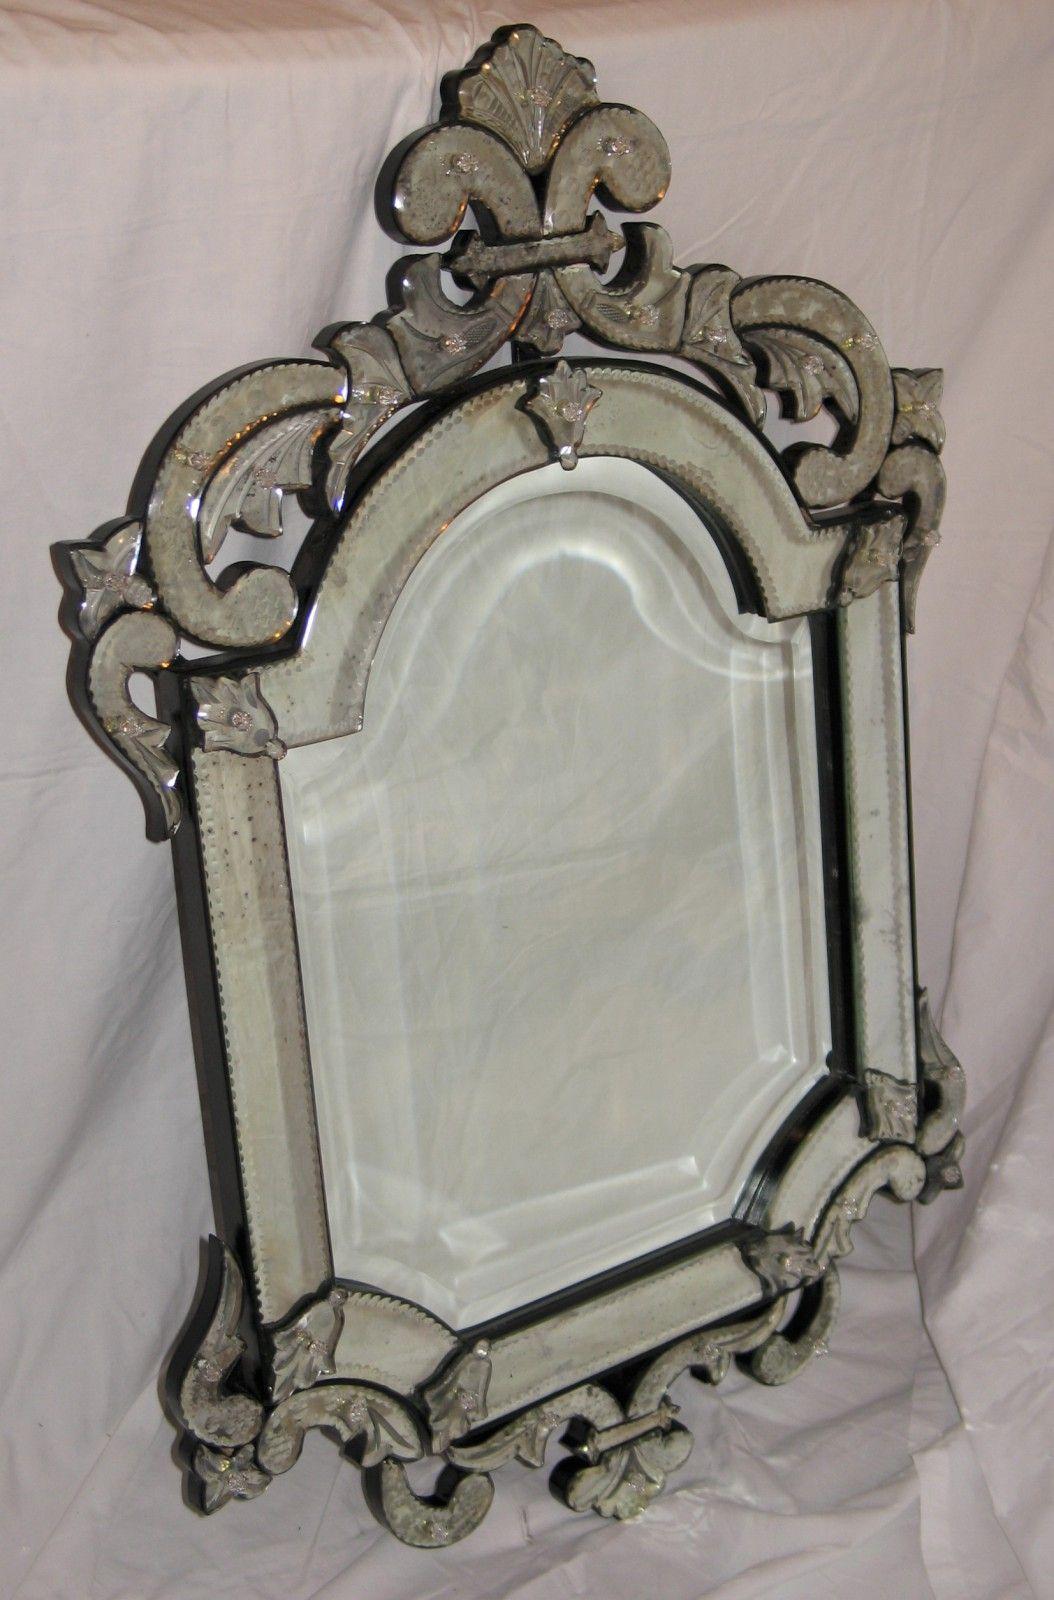 le miroir v nitien l 39 honneur miroir de venise pinterest. Black Bedroom Furniture Sets. Home Design Ideas